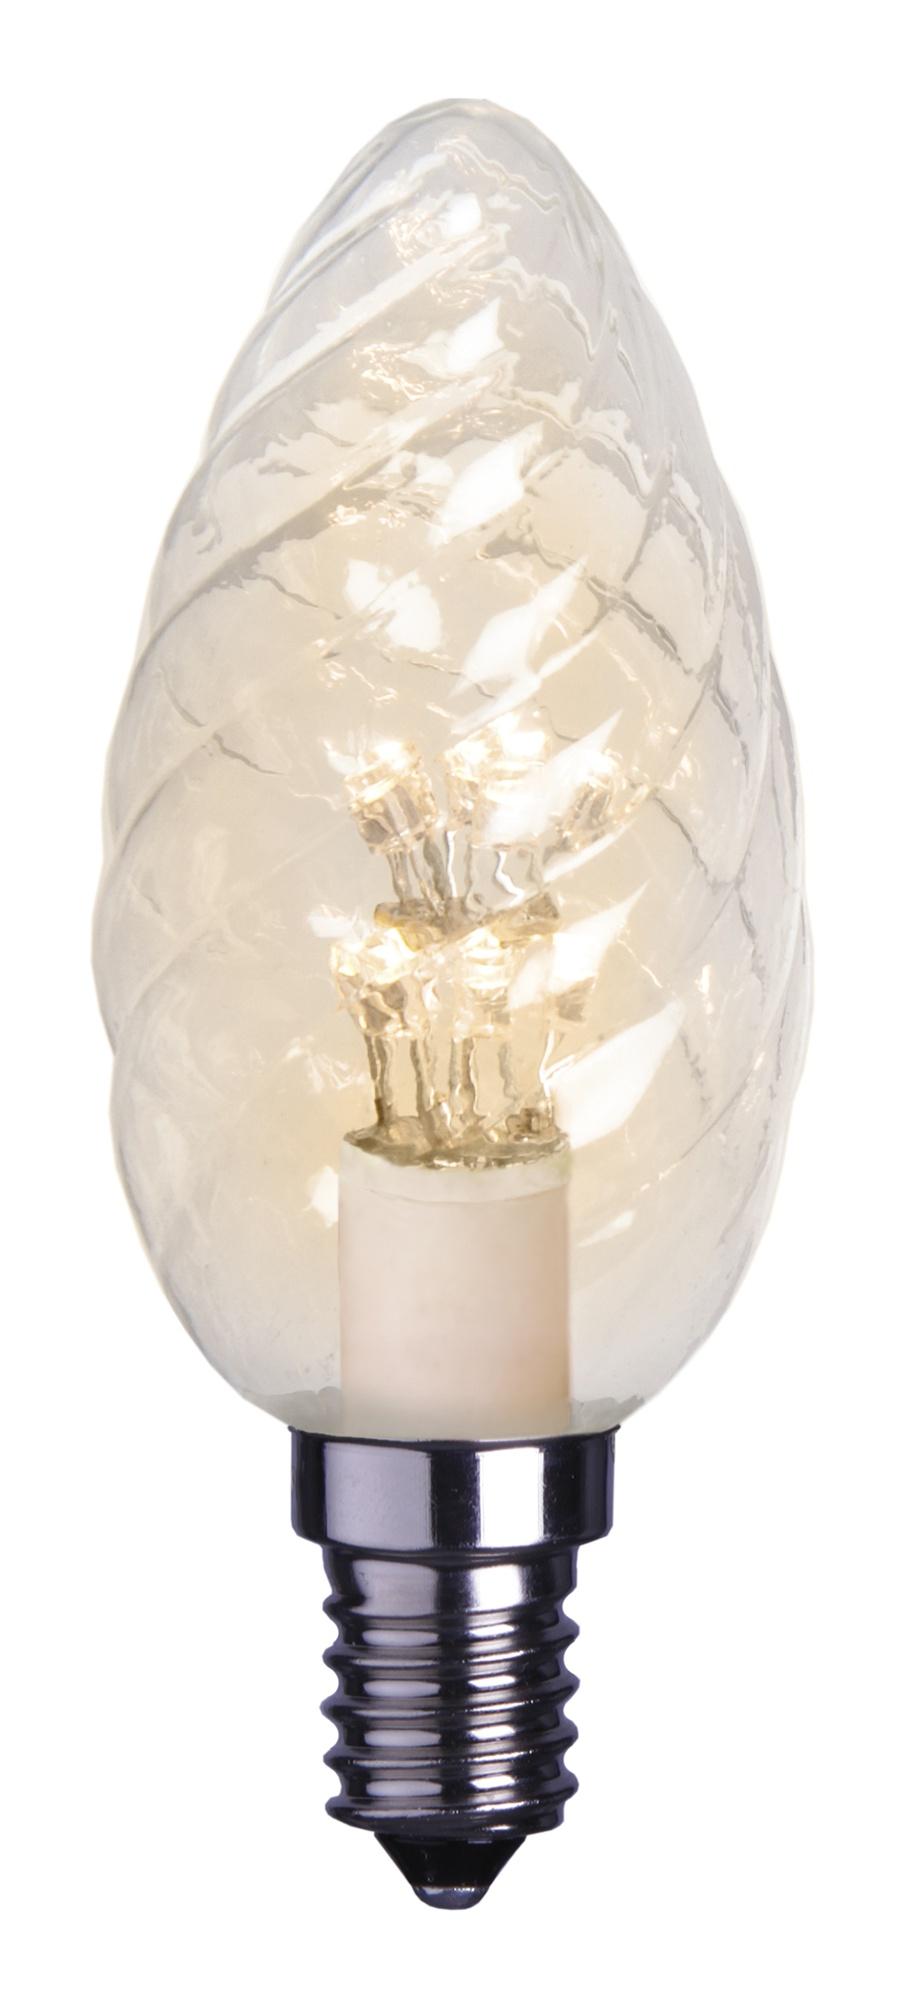 LED-kynttilälamppu Decoration LED 337-31 Ø 35x100 mm E14 kirkas kierre 0,9W 2100K 75lm